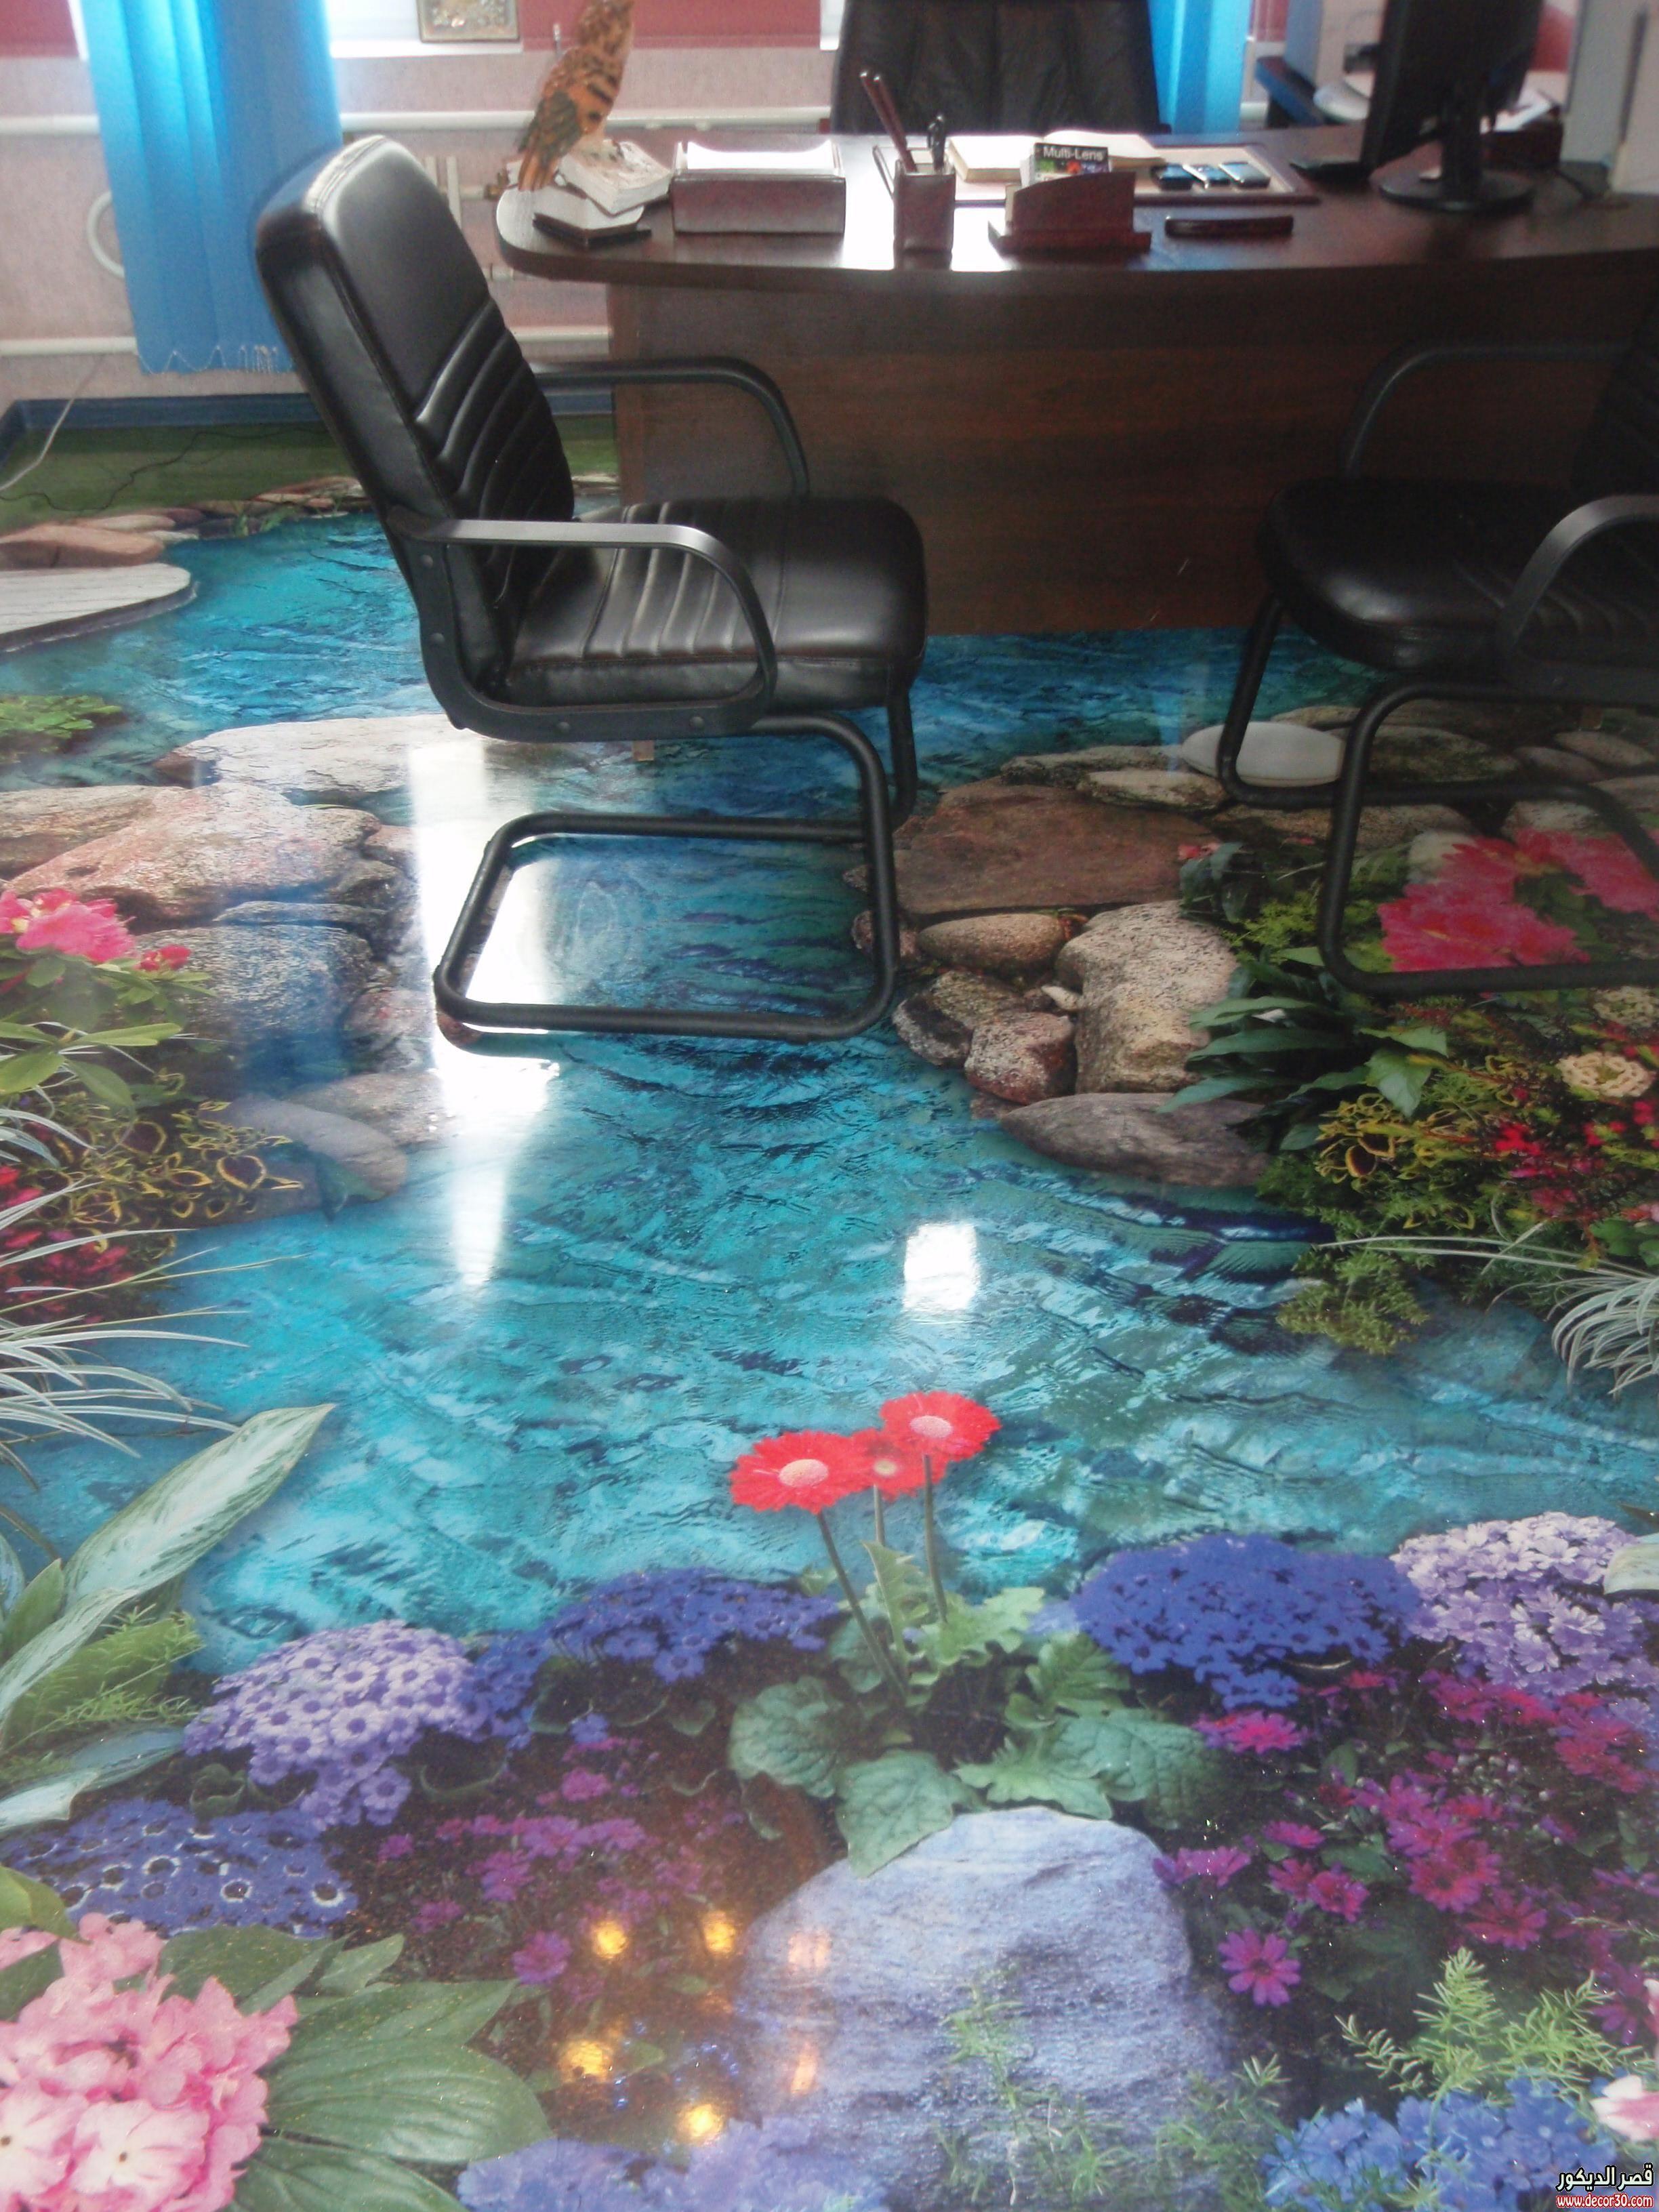 اجمل اشكال ارضيات مجسمة Sree De Flooring Designs Splendor Floor Murals 3d Floor Art 3d Flooring